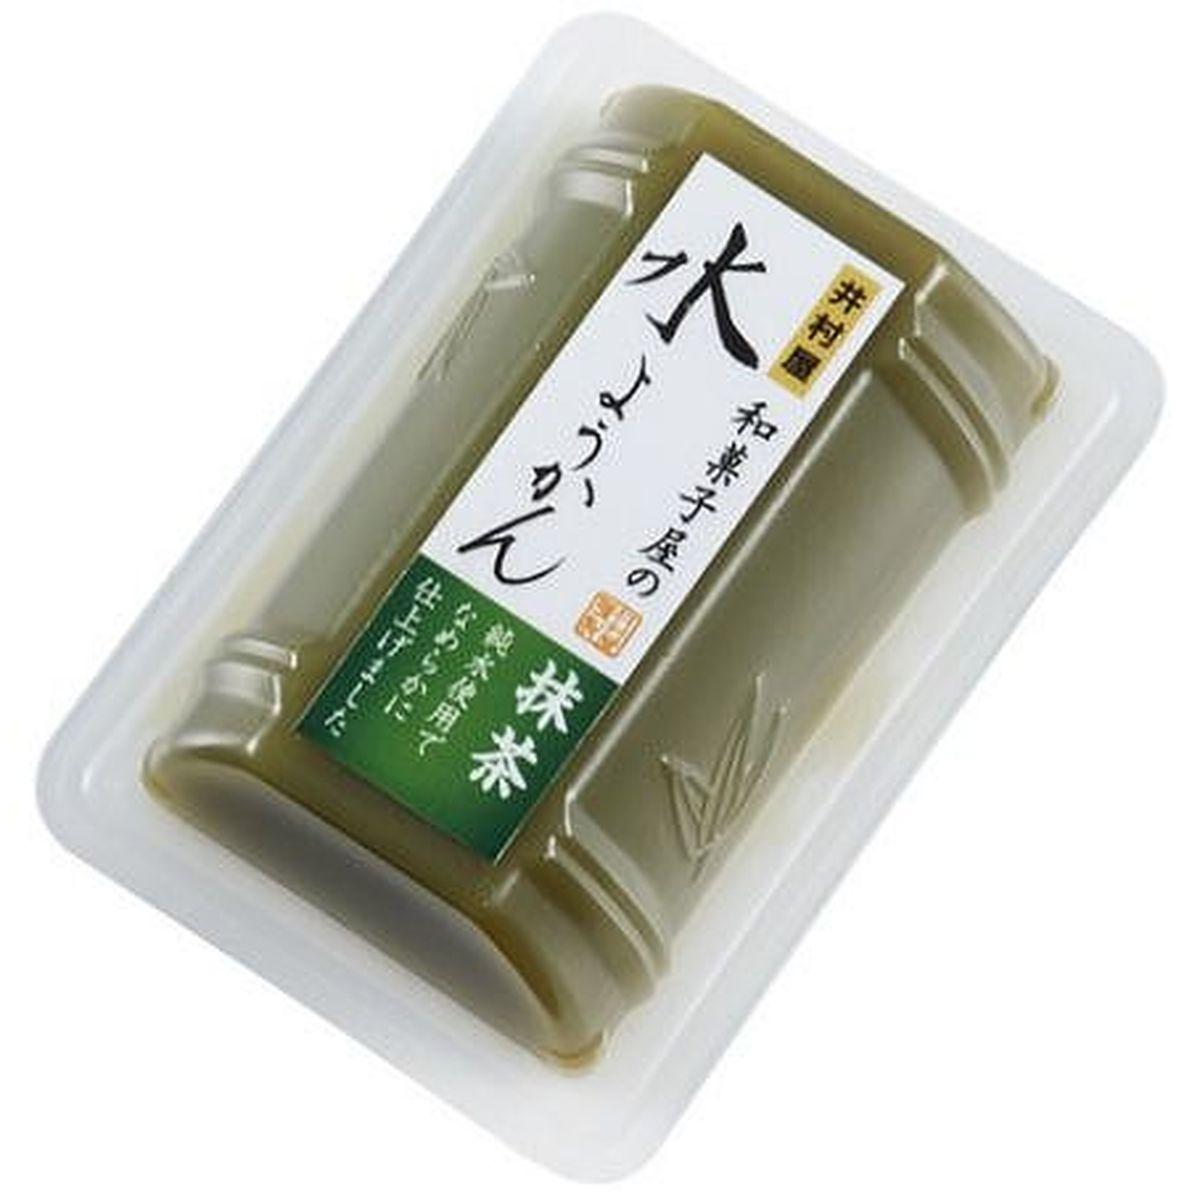 【送料無料】【10個入り】井村屋 和菓子屋の水ようかん抹茶 83g